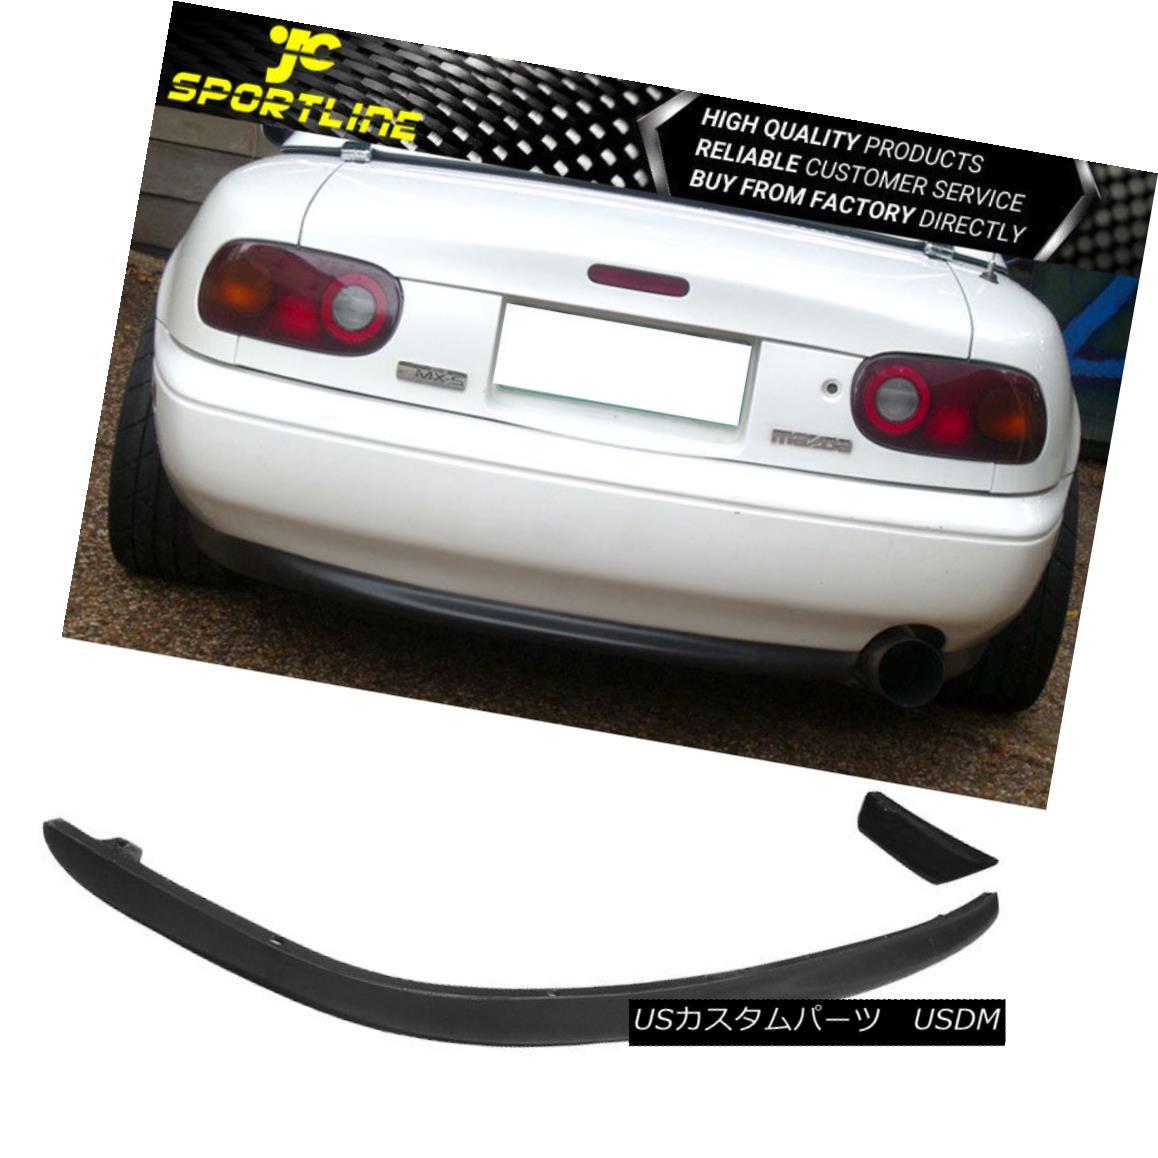 エアロパーツ Fit 1990-1997 Mazda Miata RS Style Poly Urethane Rear Bumper Lip Spoiler Bodykit Fit 1990-1997 Mazda Miata RSスタイルポリウレタンリアバンパーリップスポイラーボディキット